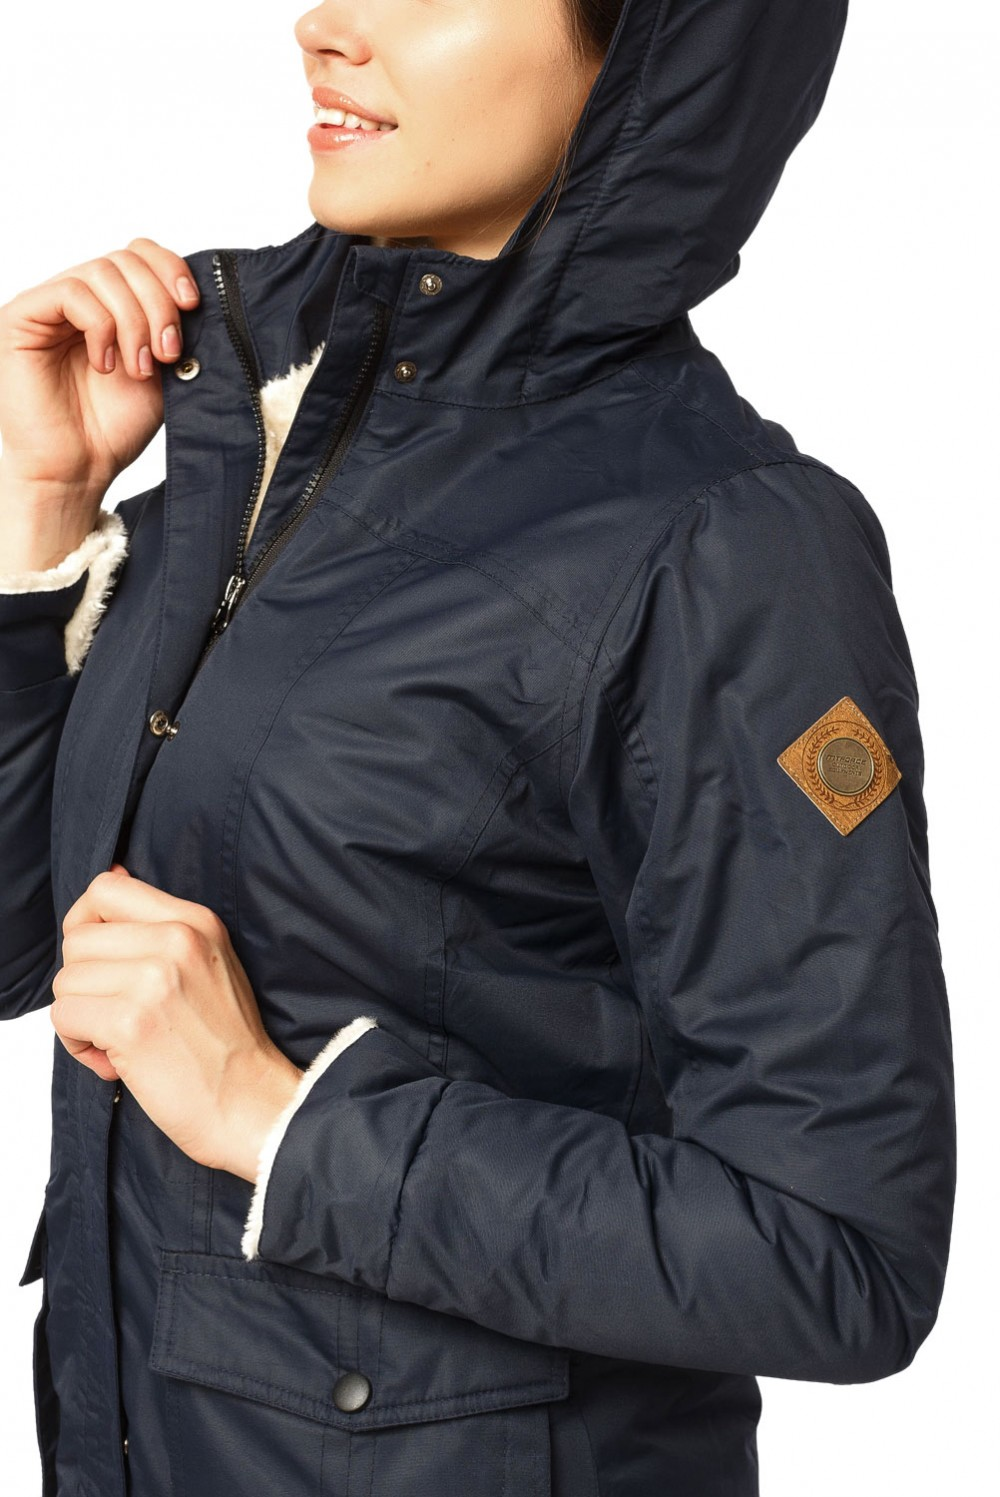 Купить оптом Куртка парка демисезонная женская ПИСК сезона темно-синего цвета 17099TS в Екатеринбурге